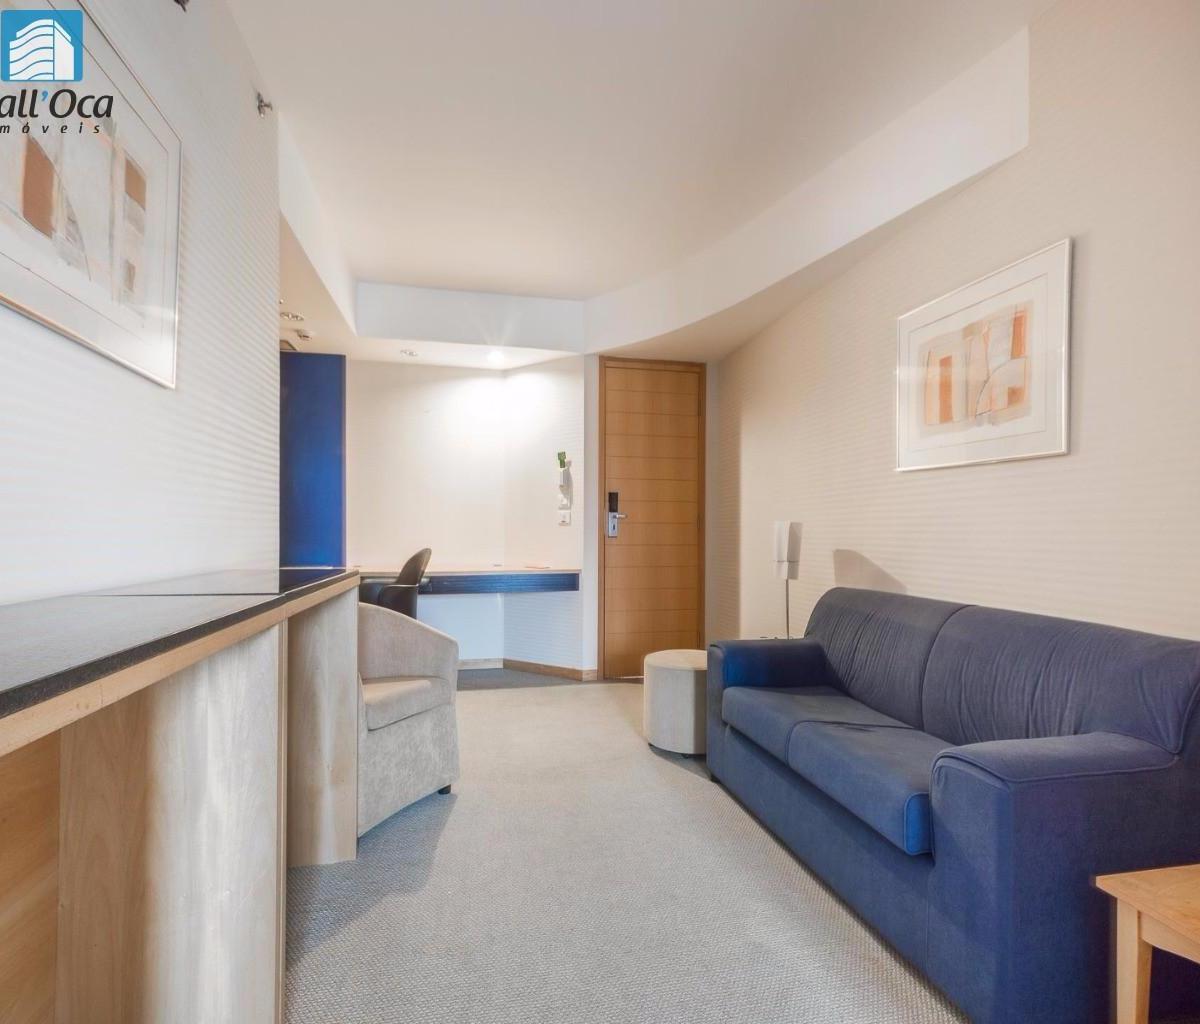 Imagens de #714C2E Apartamento para aluguel com 1 Quarto Asa Norte Brasília R$ 3.800  1200x1024 px 3560 Blindex Banheiro Asa Norte